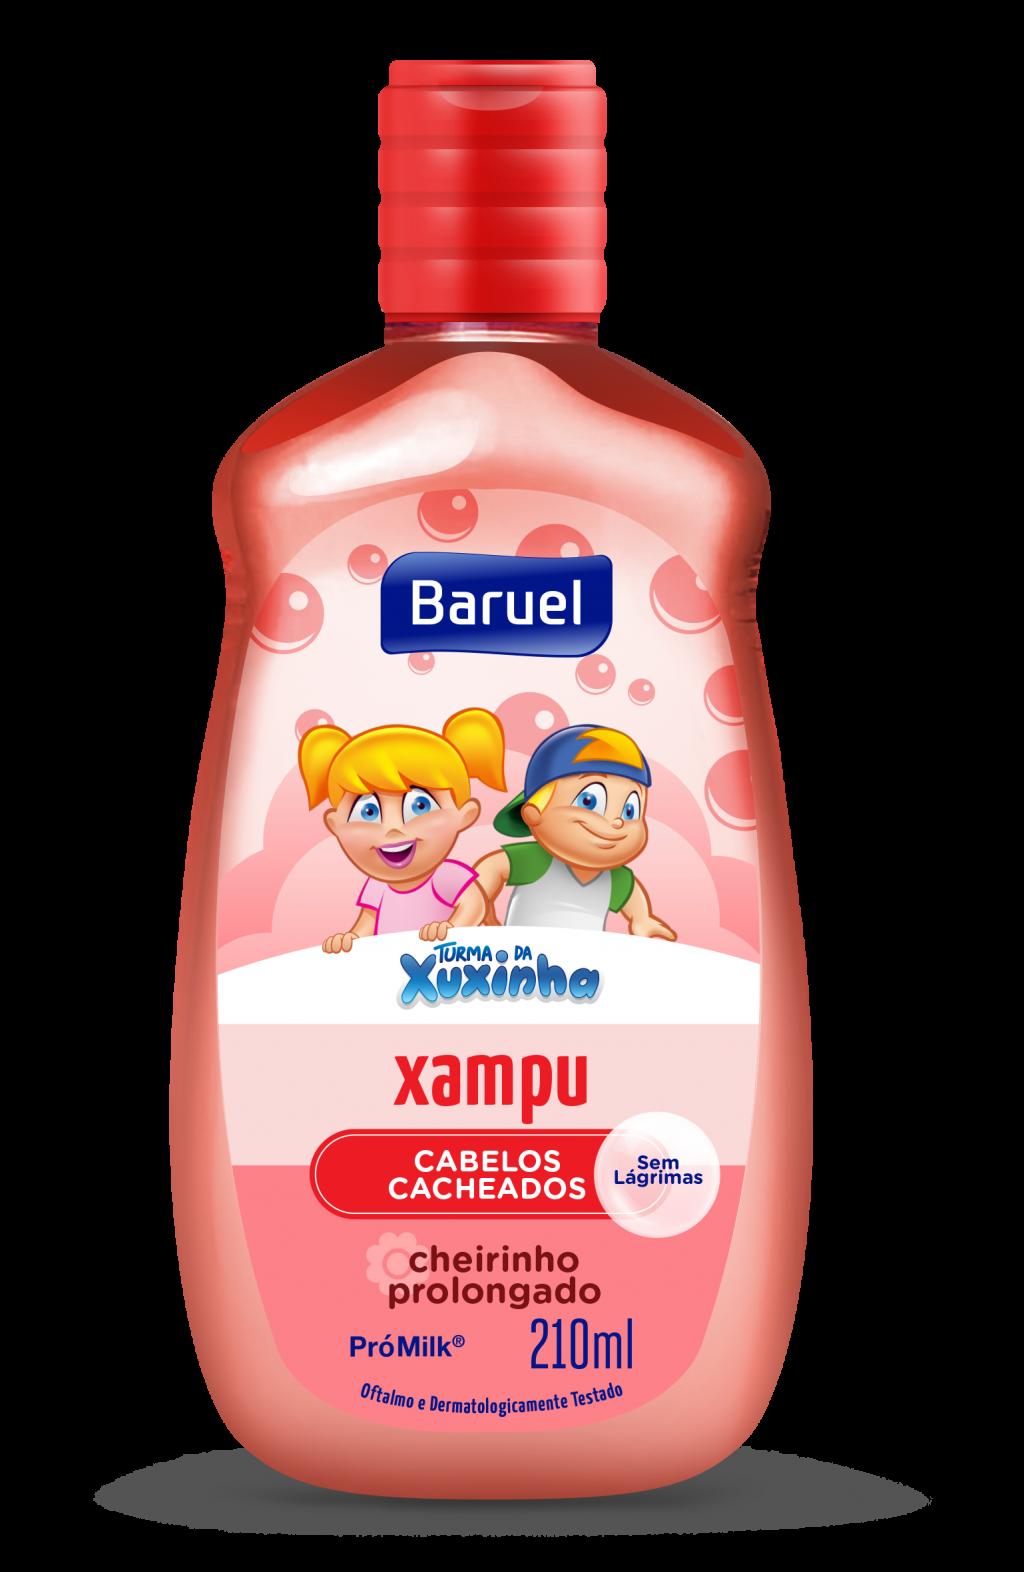 XAMPU CABELOS CACHEADOS